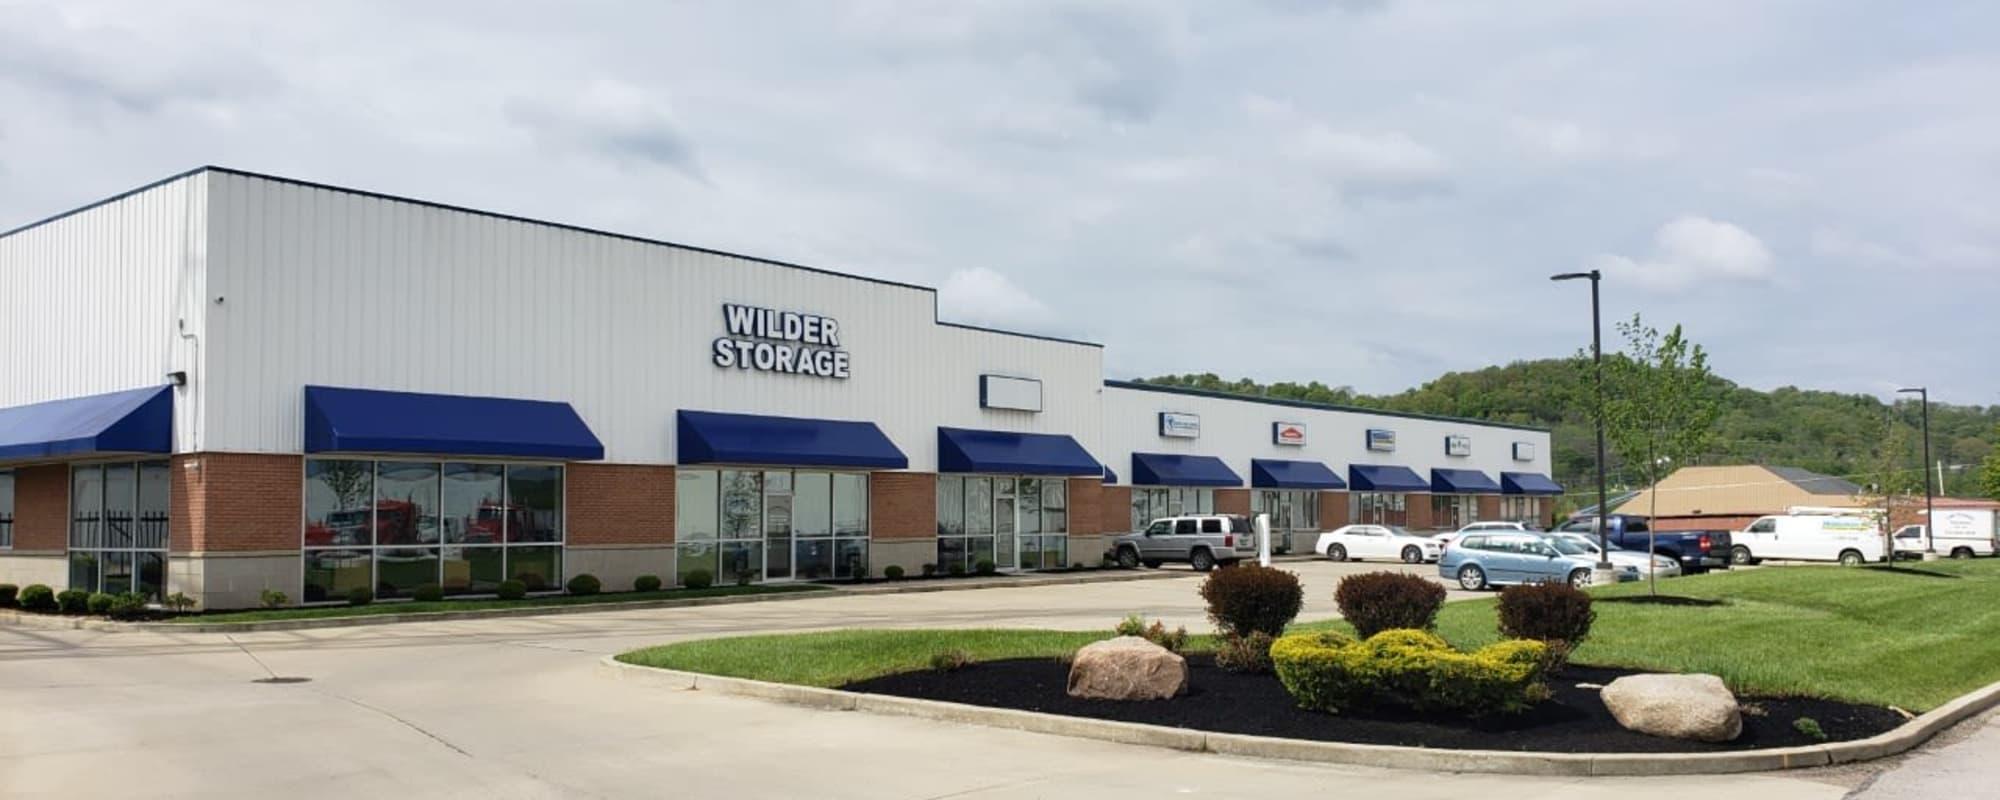 Wilder Storage's Accessibility Statement